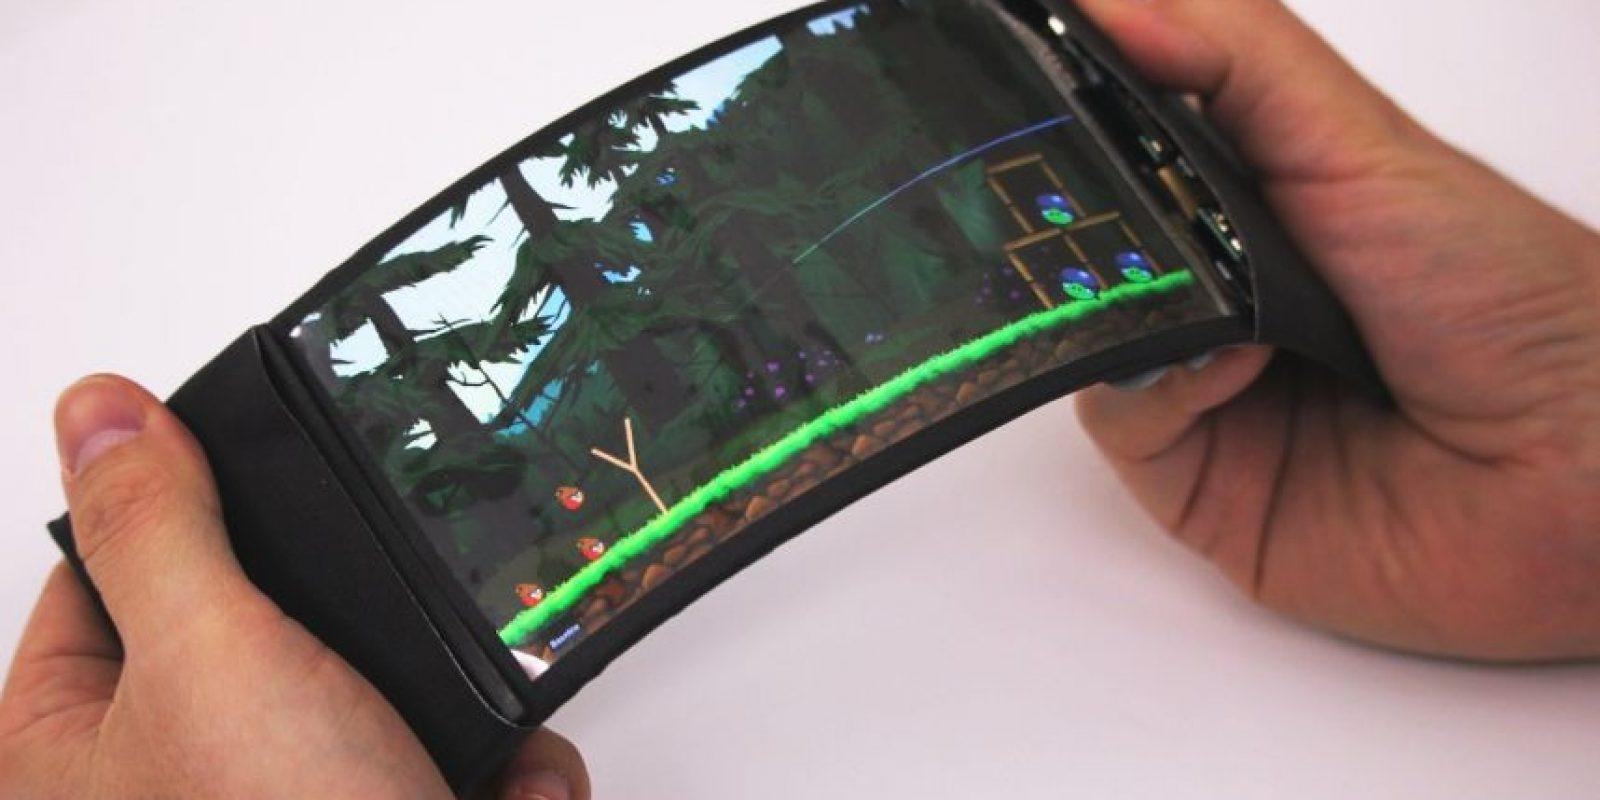 Así luce el smartphone con pantalla flexible. Foto:Vía hml.queensu.ca